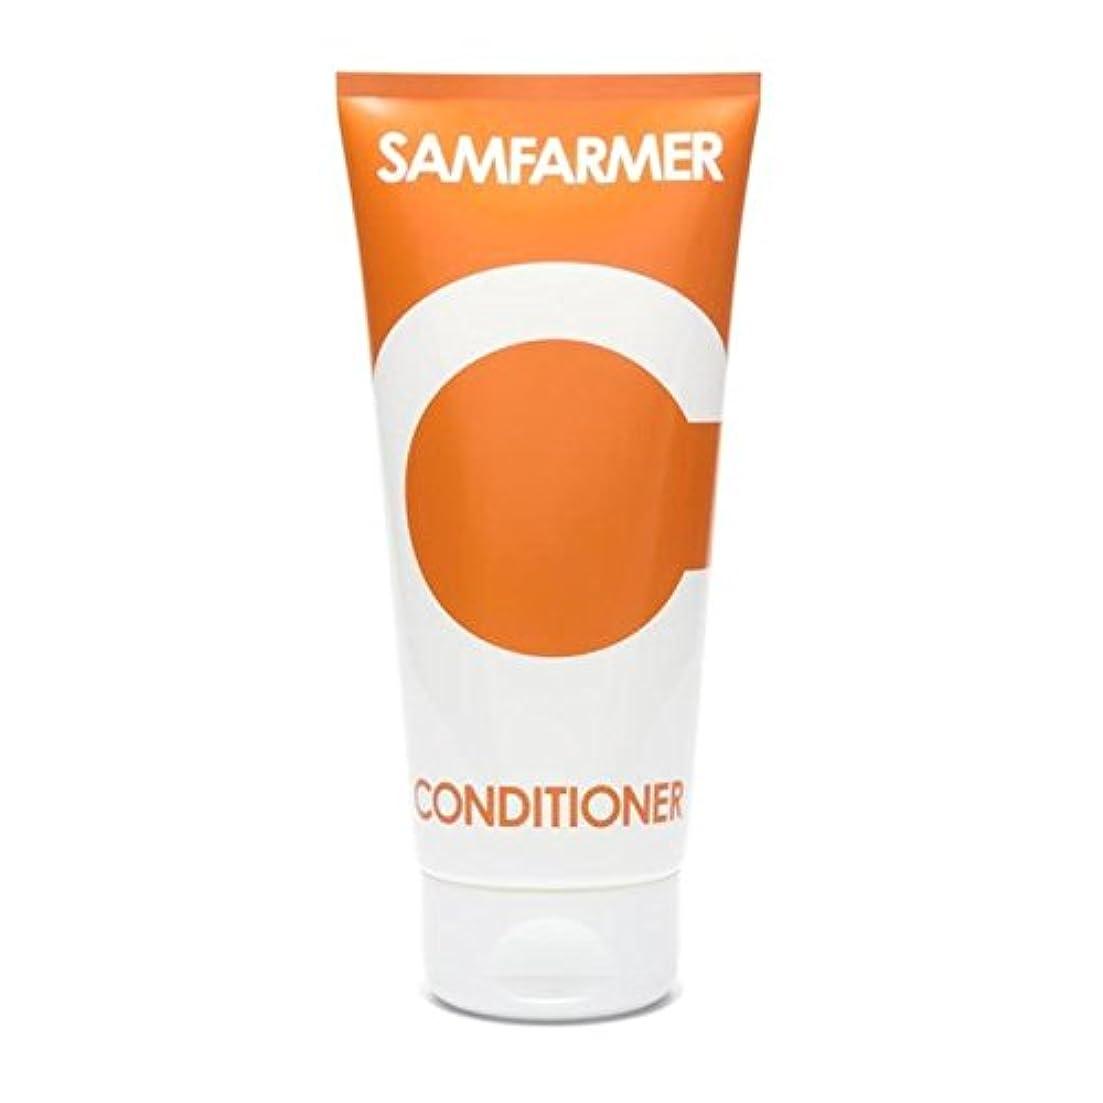 ロースト芝生ご意見SAMFARMER Unisex Conditioner 200ml - ユニセックスコンディショナー200 [並行輸入品]